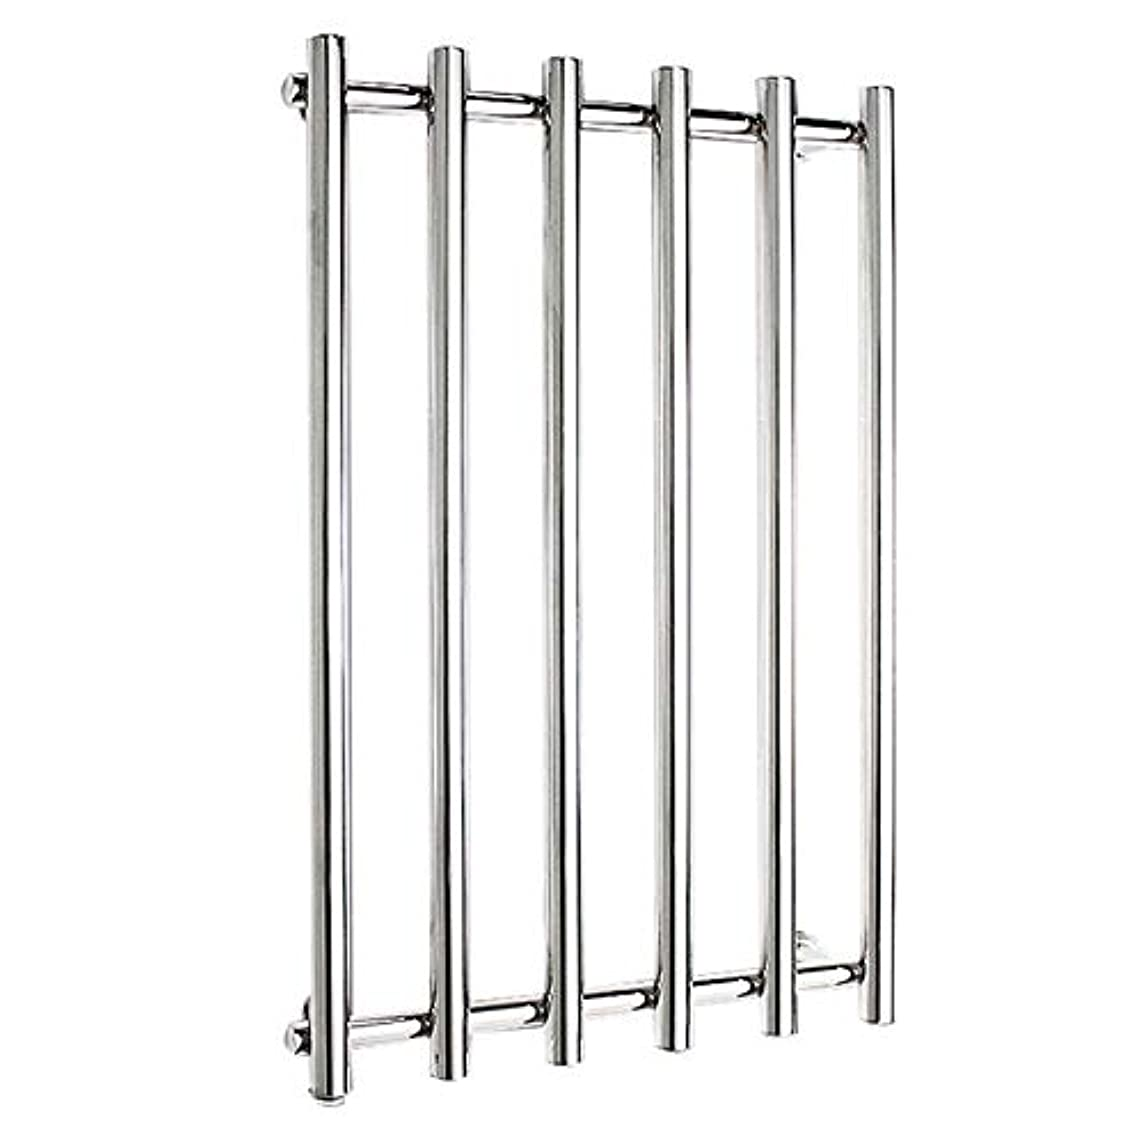 304ステンレス鋼電気タオルラジエーター、壁掛け式電気タオルウォーマー、バスルームハードウェアアクセサリー、ポリッシュクローム、恒温乾燥、810x540x110mm